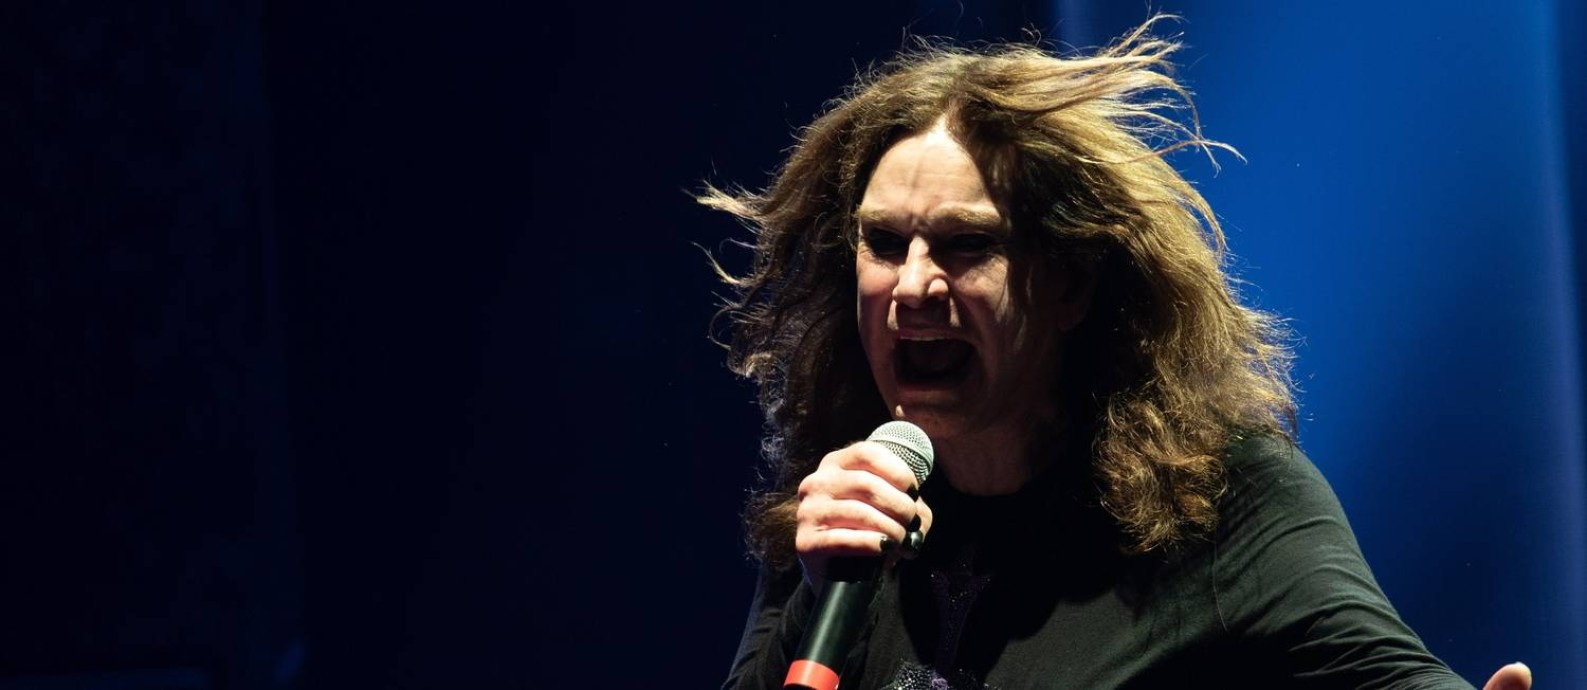 Show de Ozzy Osbourne no Arena Jeunesse Foto: Luiz Henrique Estevam / O Globo